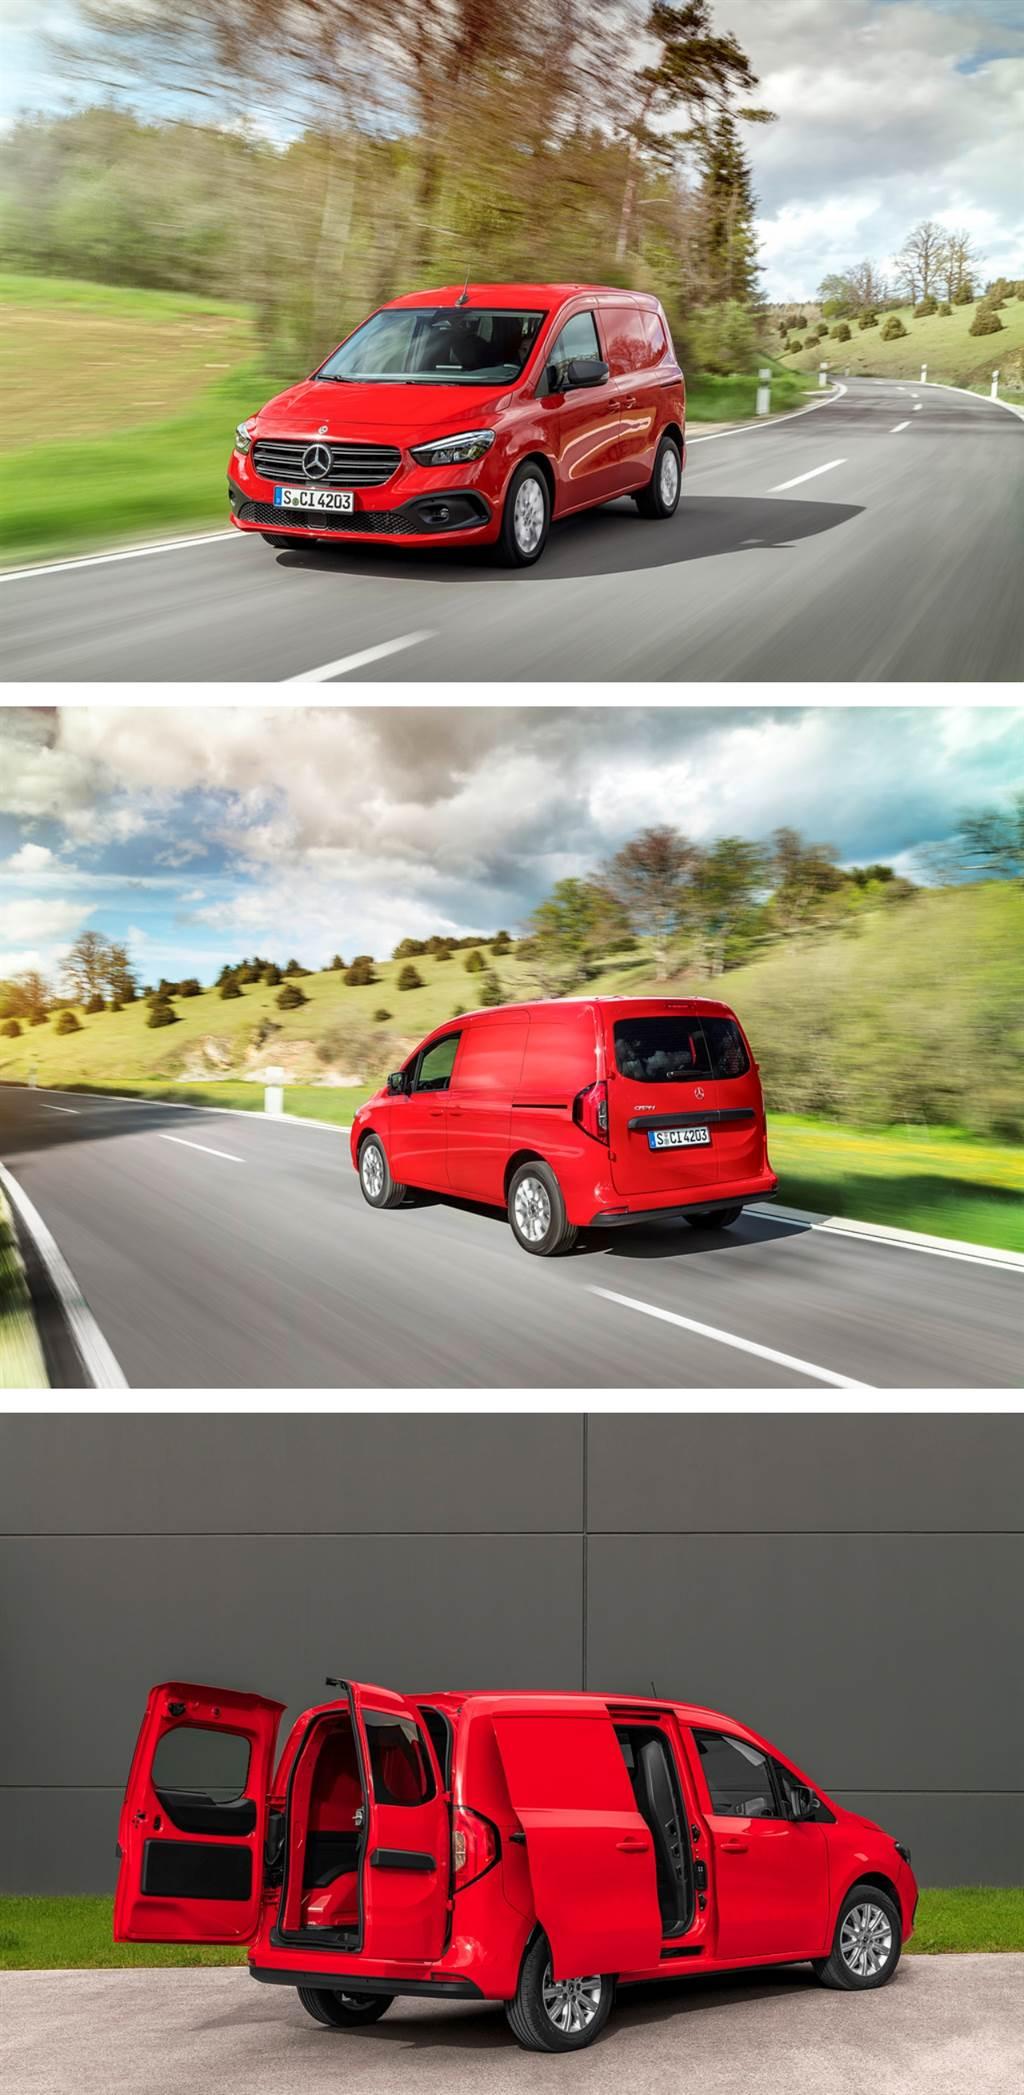 德法聯手 Mercedes-Benz大改款Citan/eCitan輕型商車發表(圖/CarStuff)